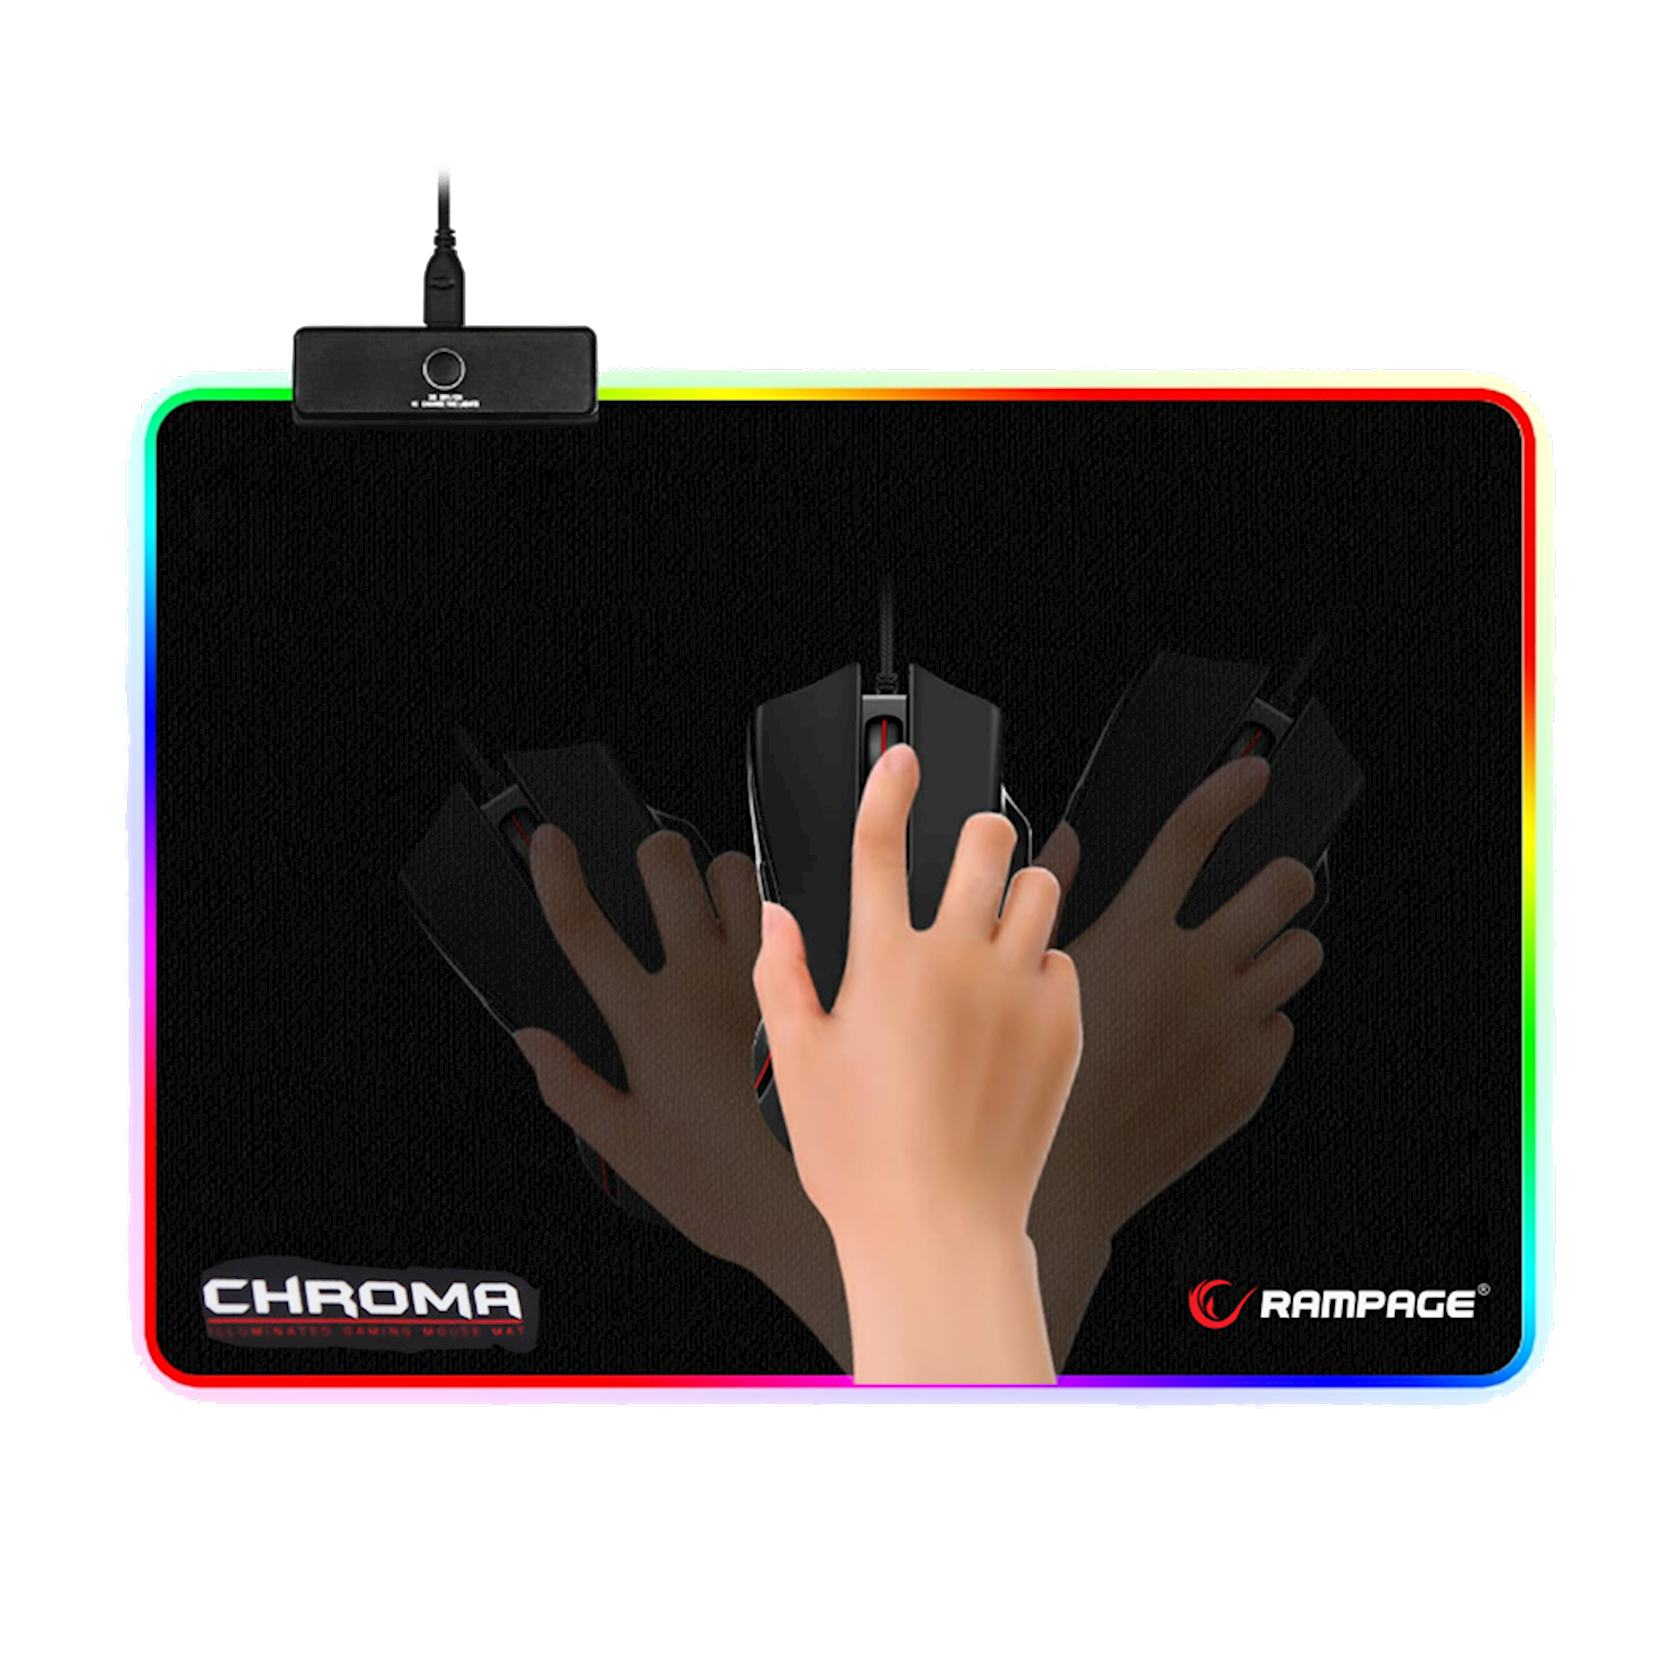 Siçan altlığı Rampage MP-18 RGB